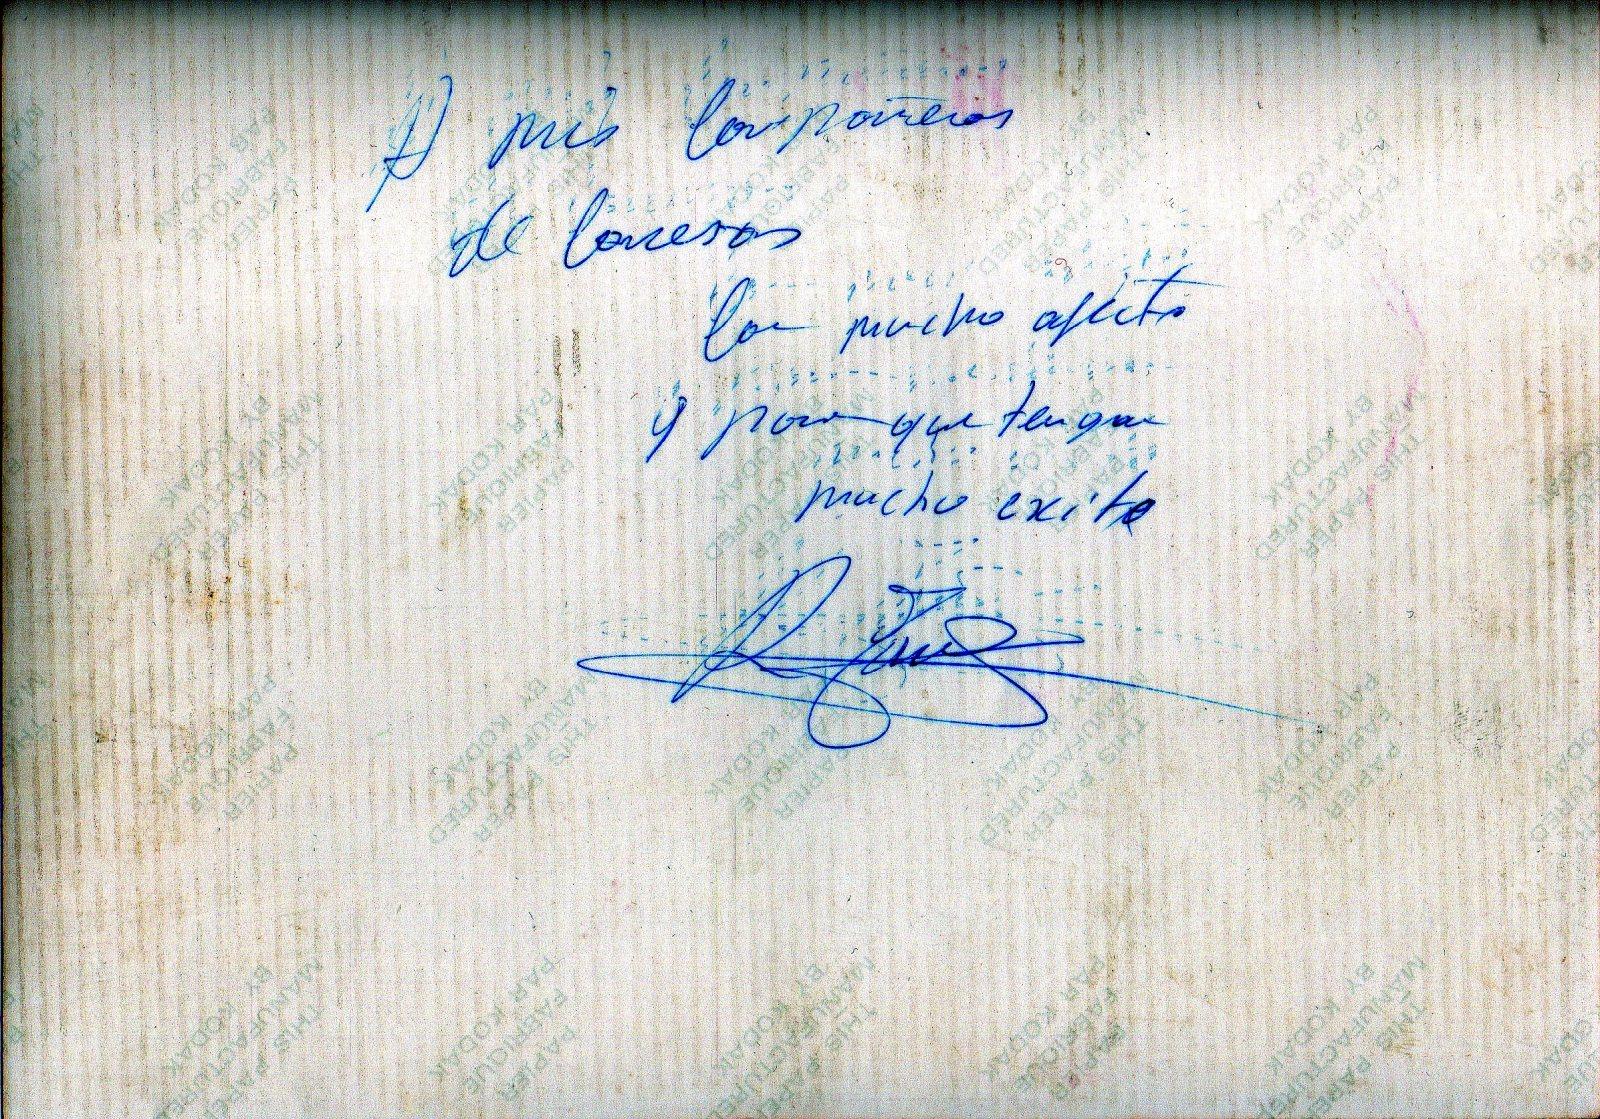 gilera - Antiguos pilotos: José Luis Gallego (V) 211qg0o